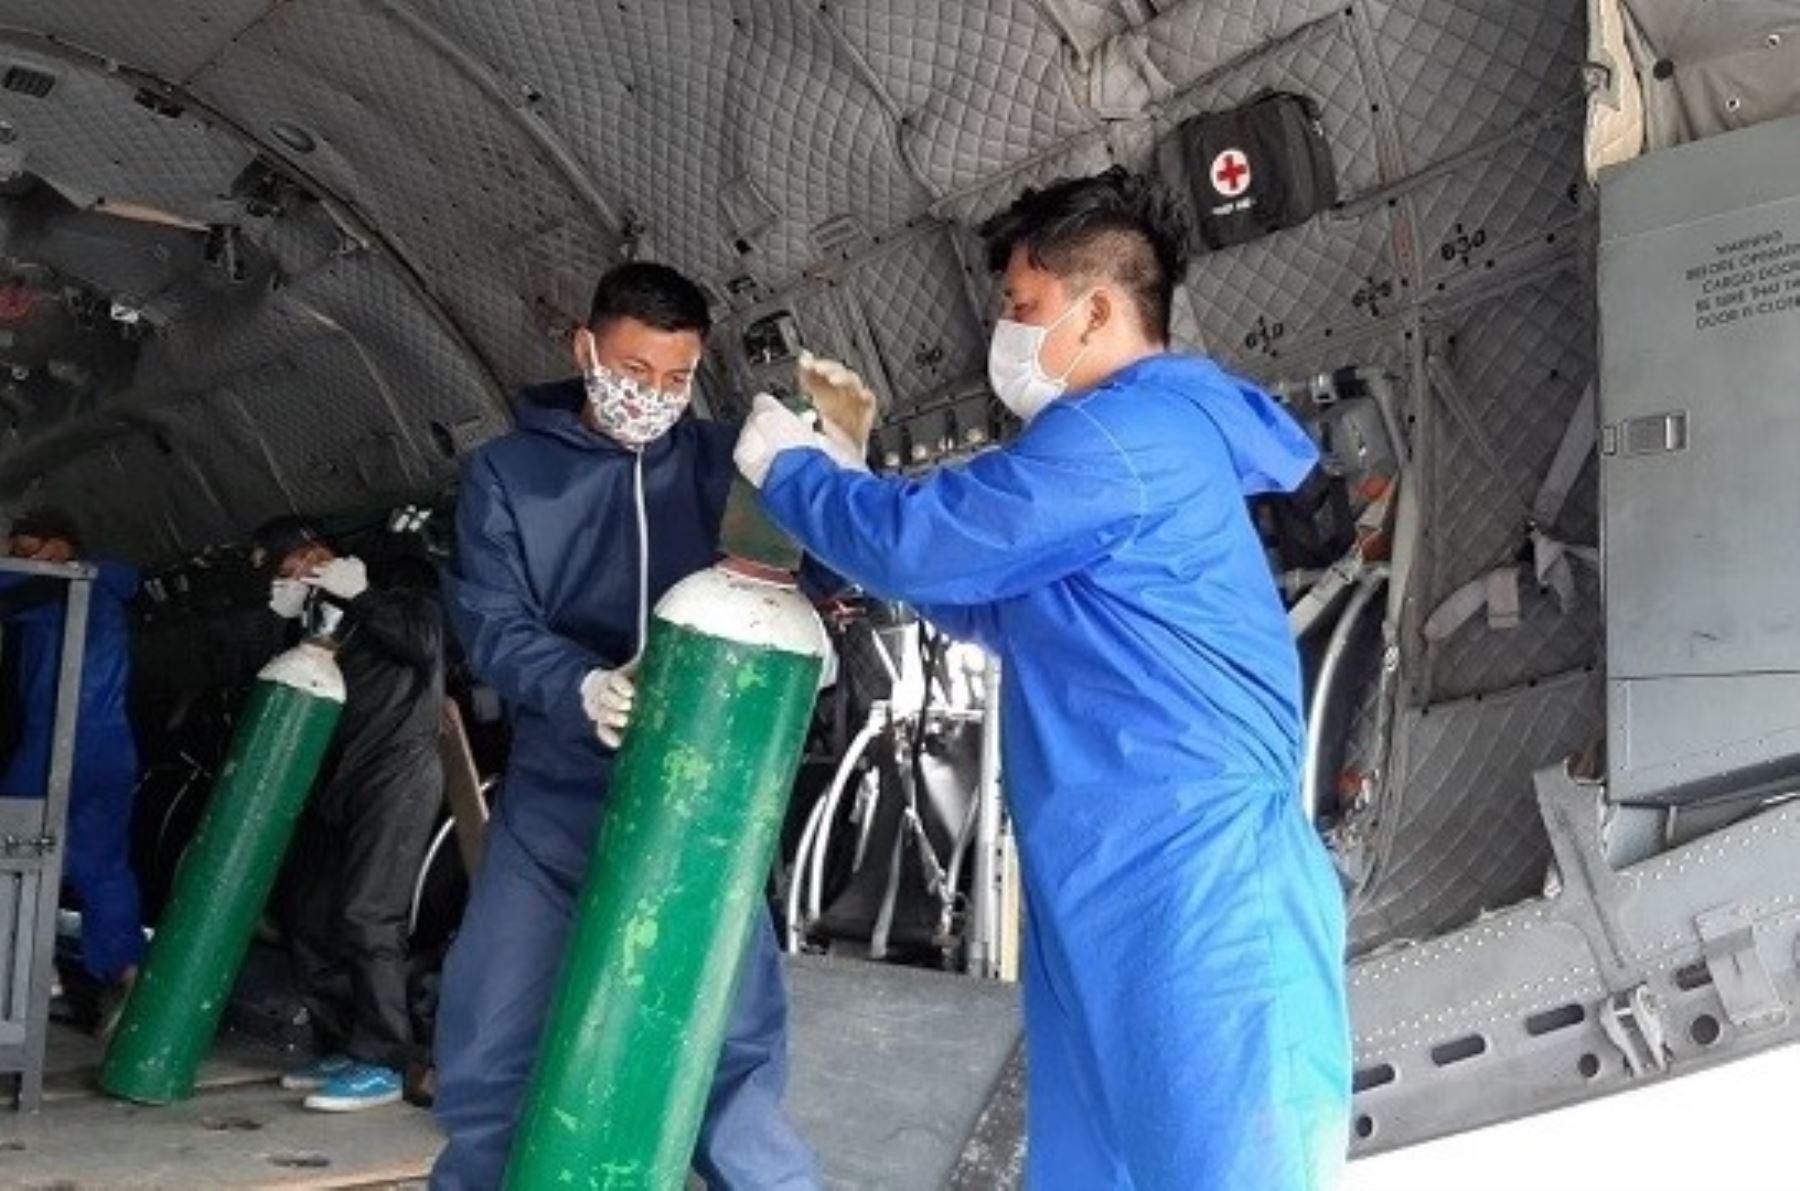 El Ministerio de Salud (Minsa) implementó un puente aéreo desde Lima para abastecer de forma interdiaria con 40 cilindros de oxígeno de 10 metros cúbicos cada uno al hospital de Moyobamba, en la región San Martín, el mismo que se mantendrá mientras persista la necesidad.